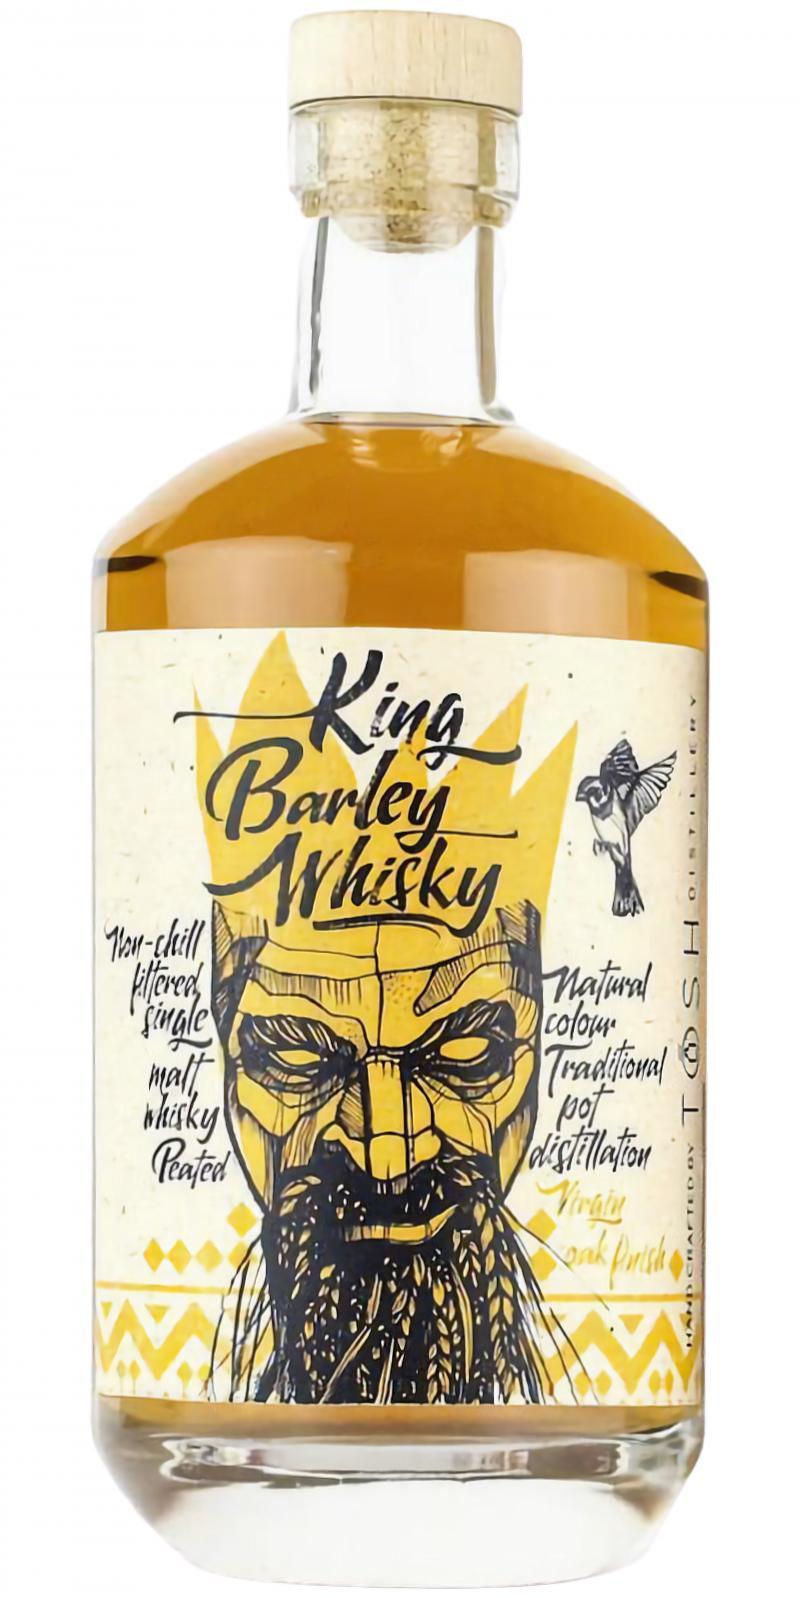 King Barley Whisky